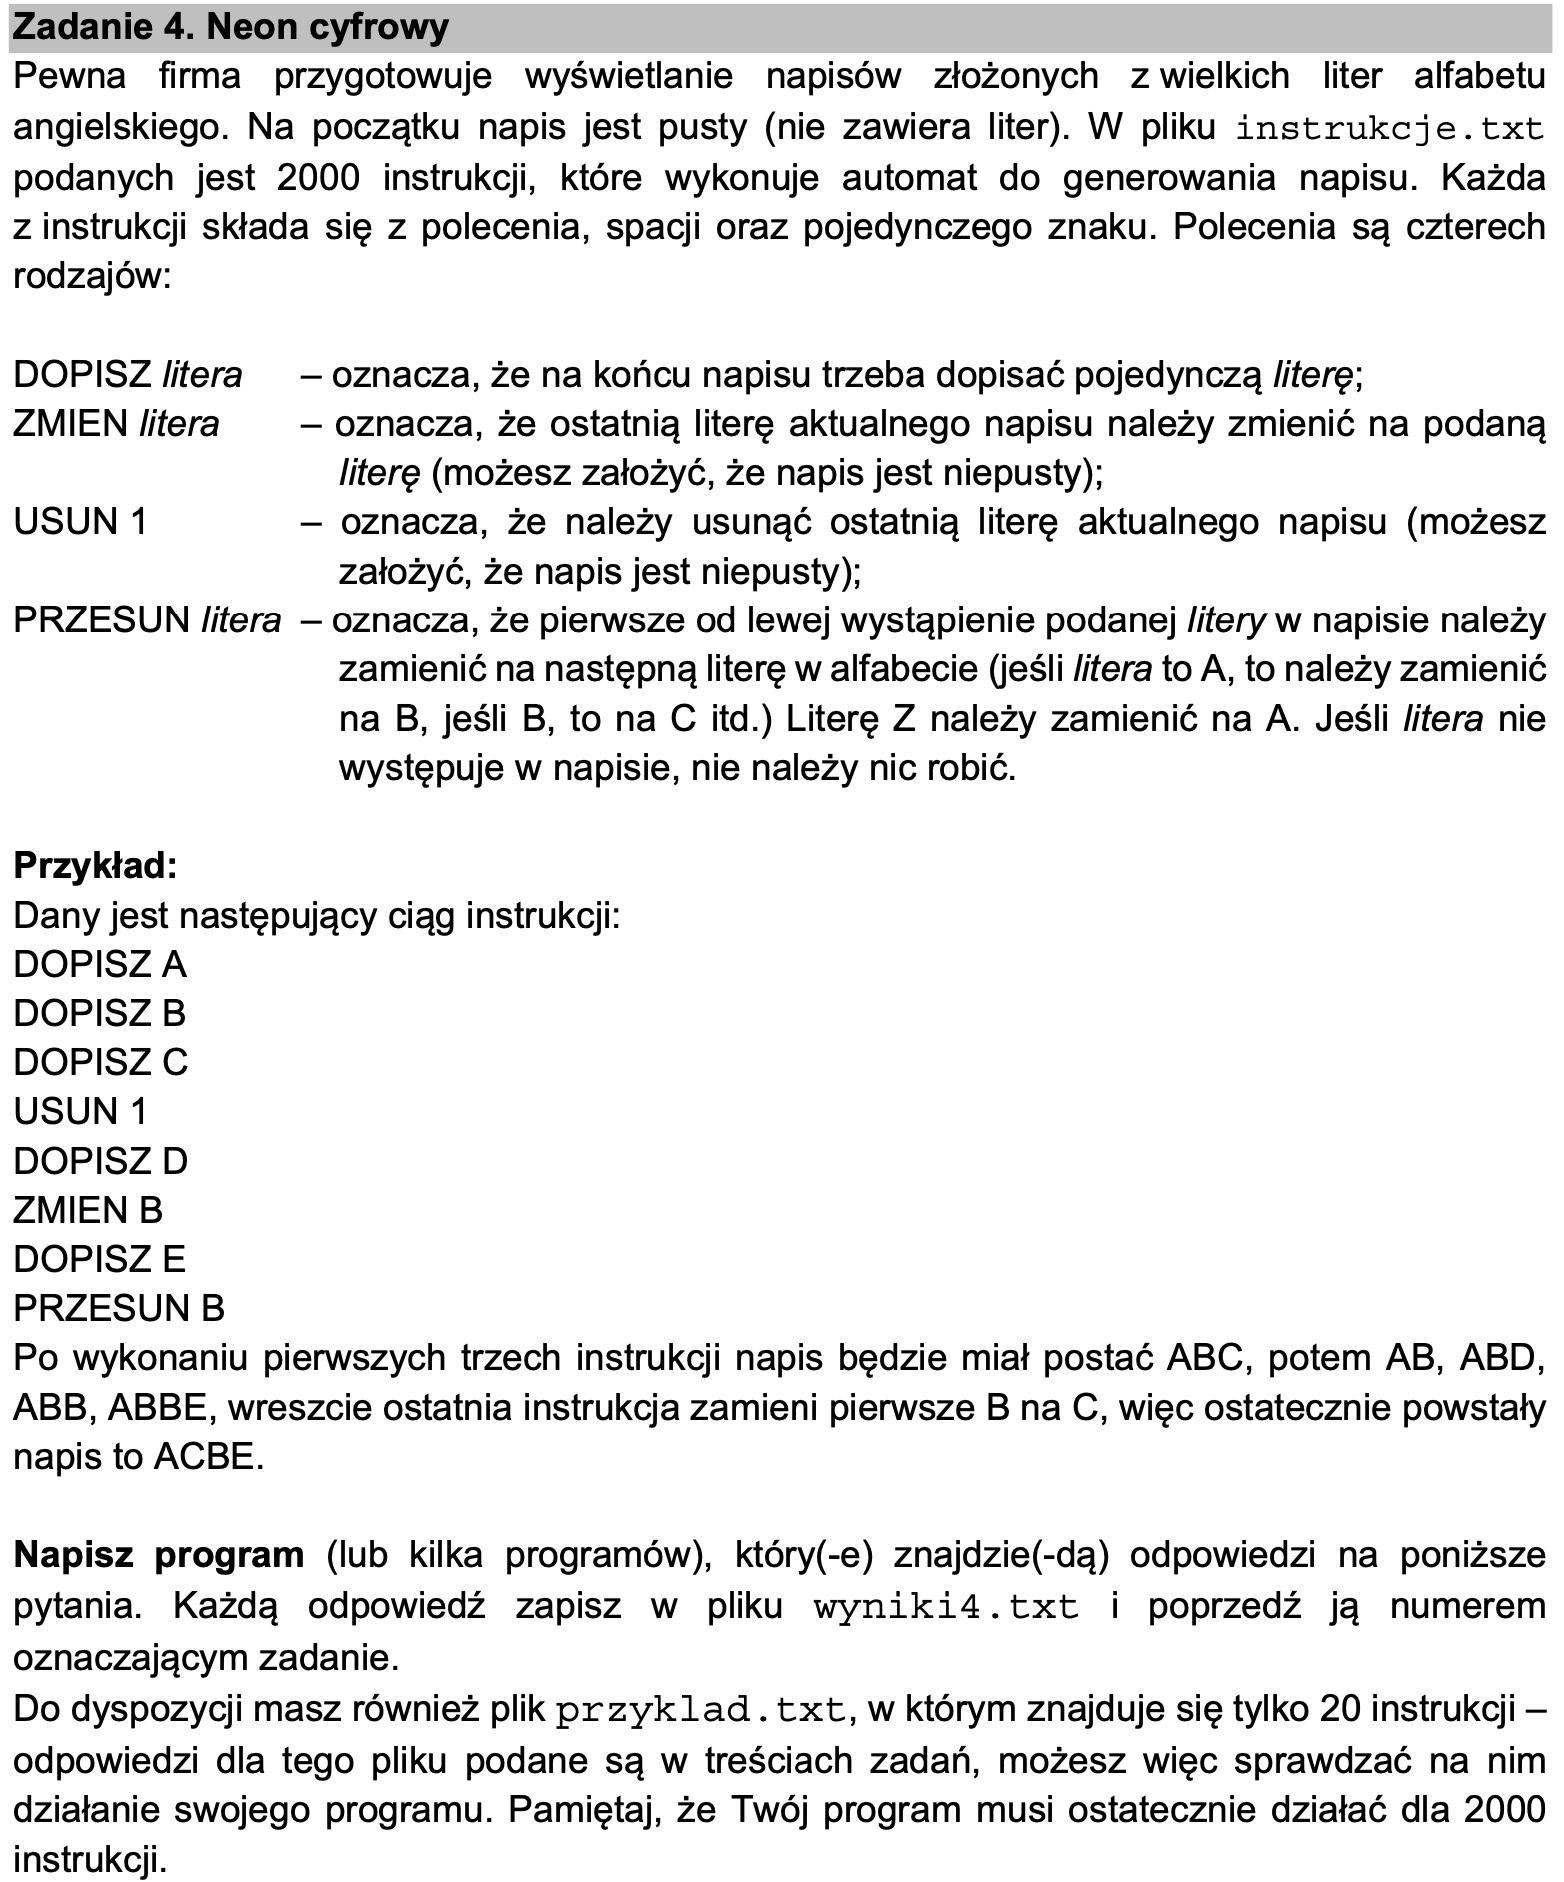 matura z informatyki 2021 zadanie 4